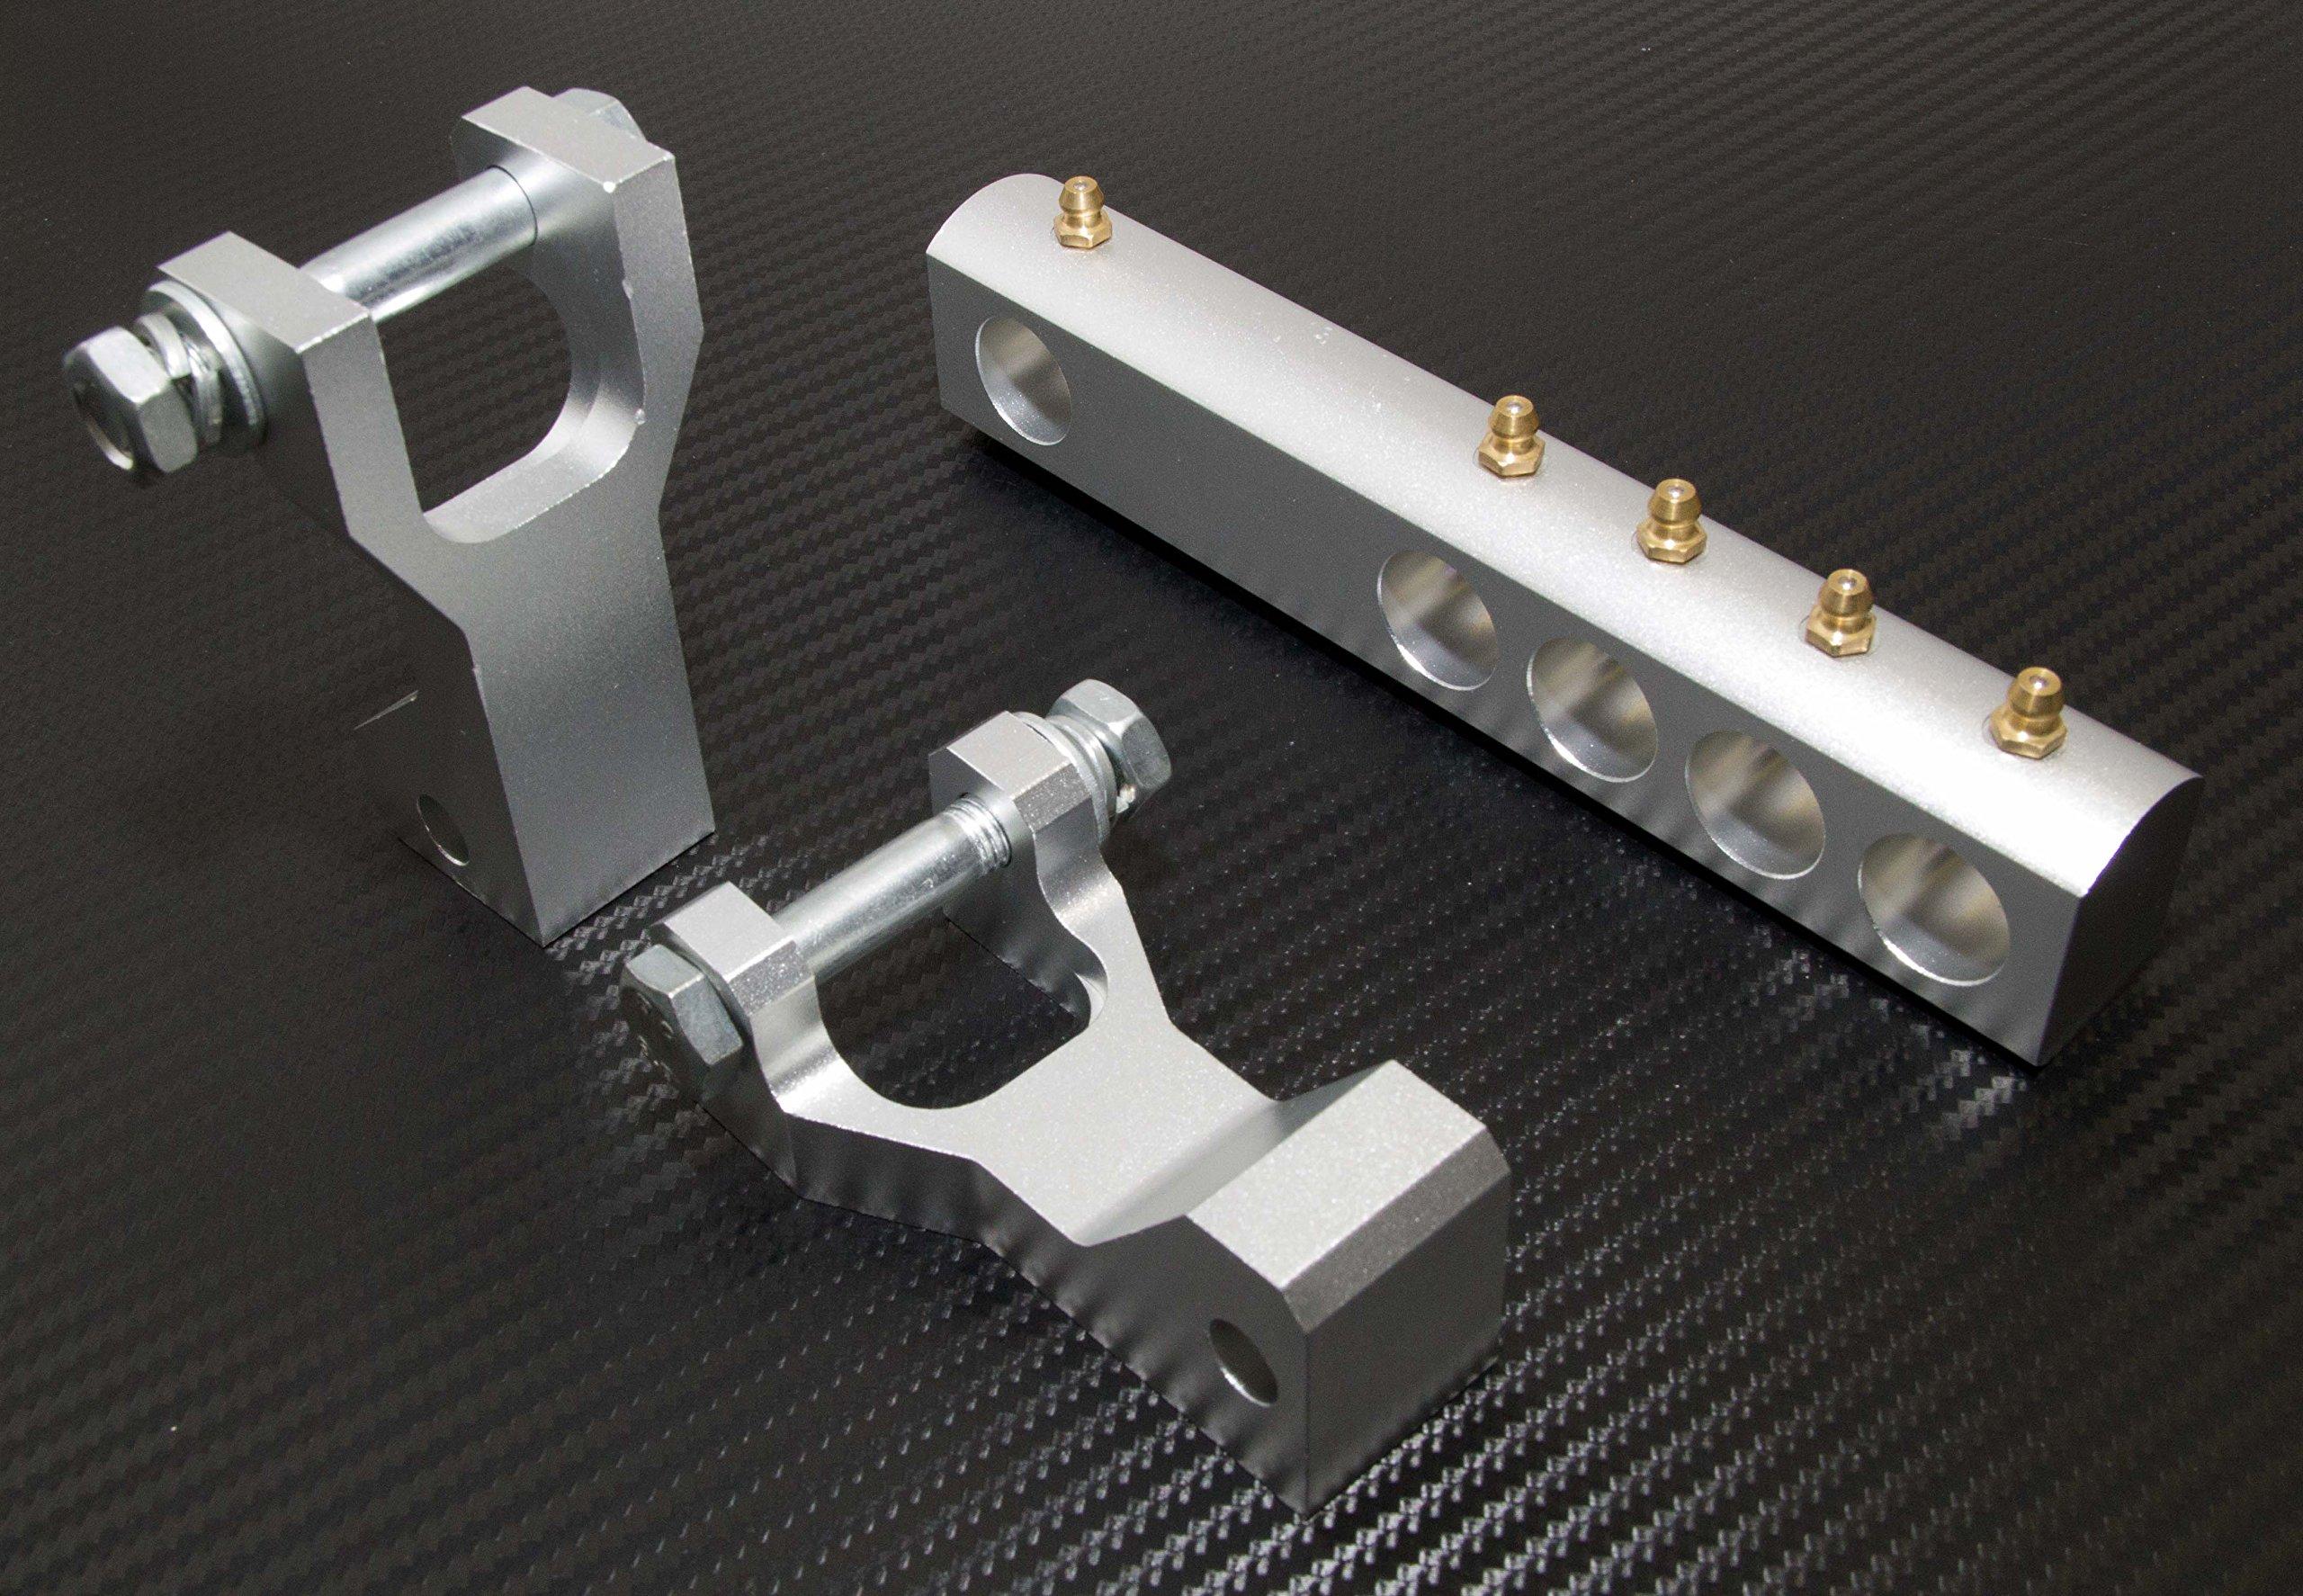 ATV Rear & Front Lowering Kit Lower Link Yamaha Banshee 350 YFZ350 2001-2008, 01-02-03-04-05-06-07-08